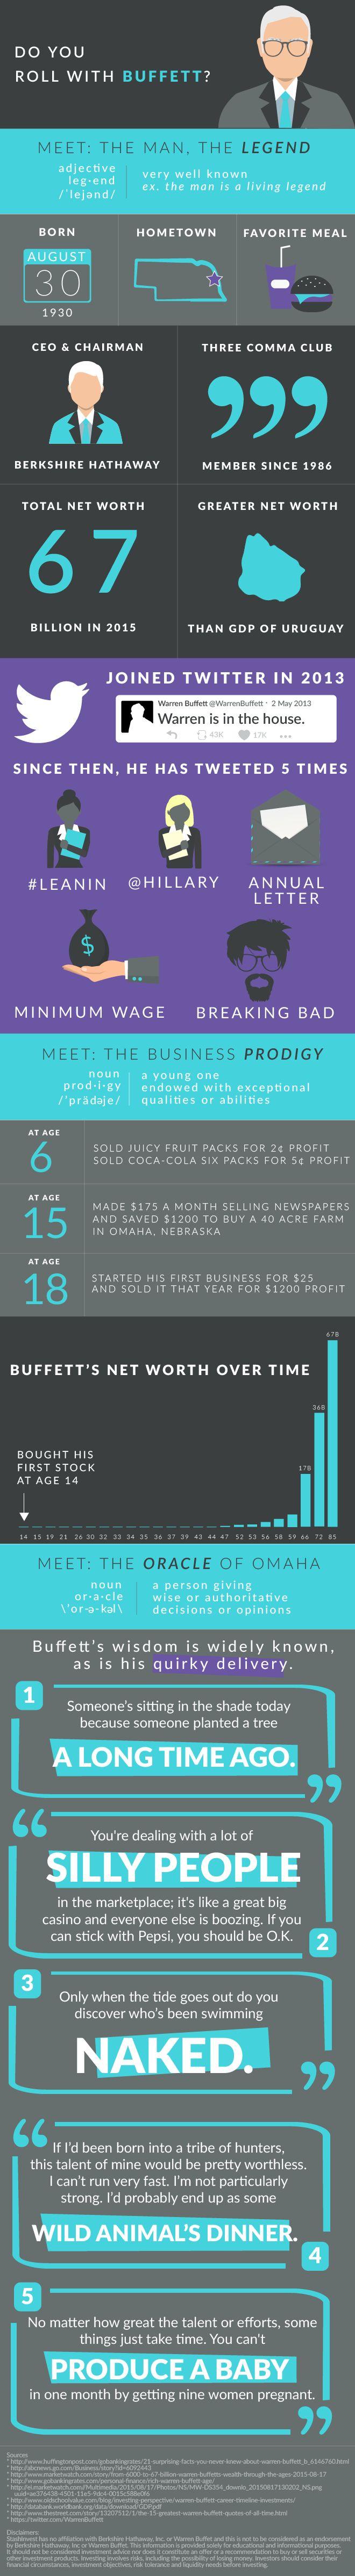 The 25+ best Warren buffett net worth ideas on Pinterest | Warren ...